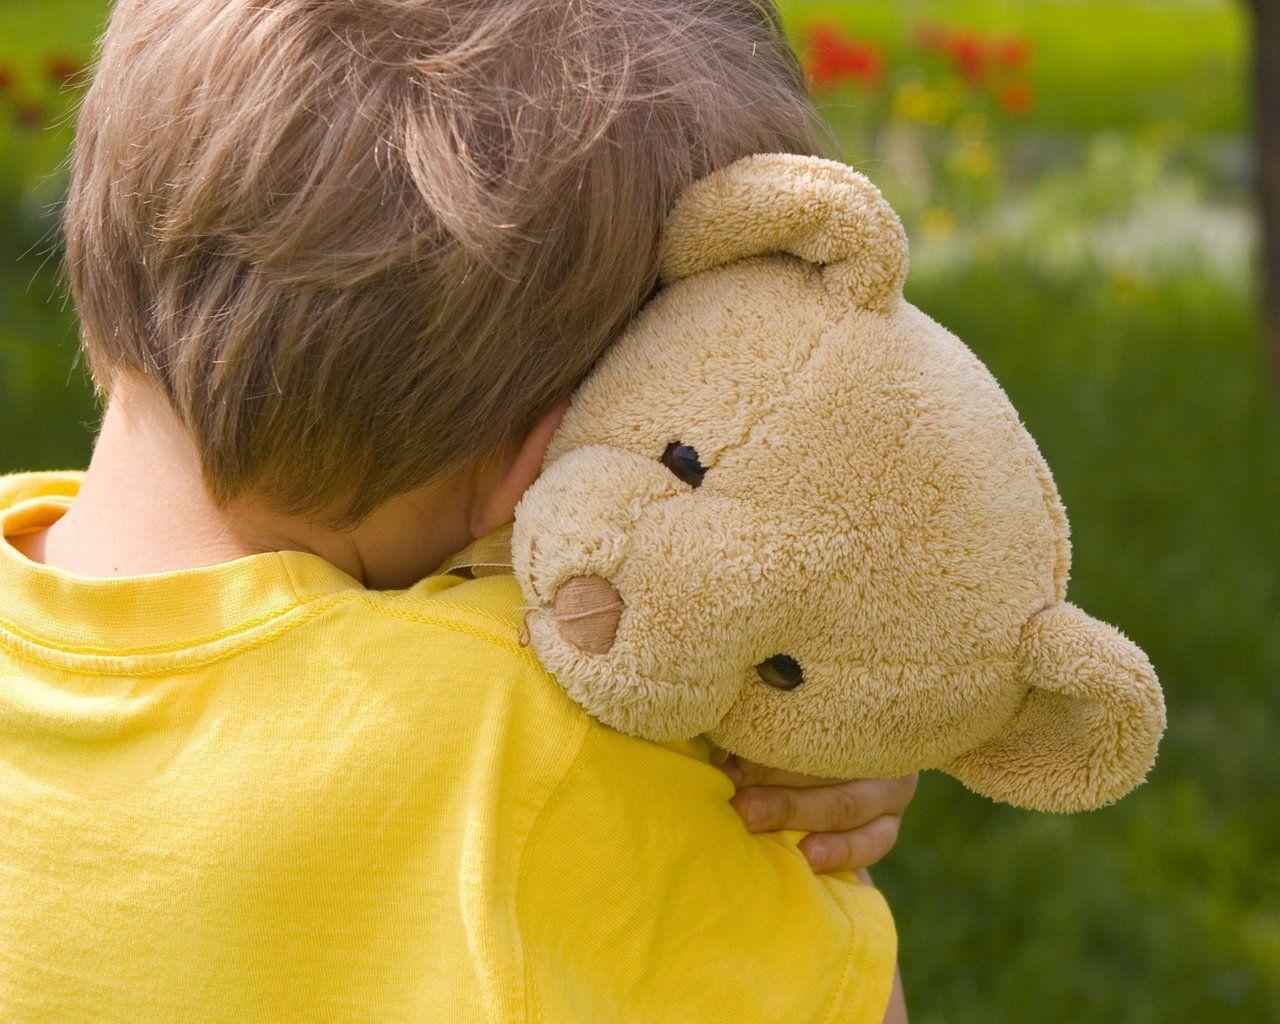 Фонд «Лицо ребенка» объявил о начале Всероссийского благотворительного марафона «Вернем детям красоту»